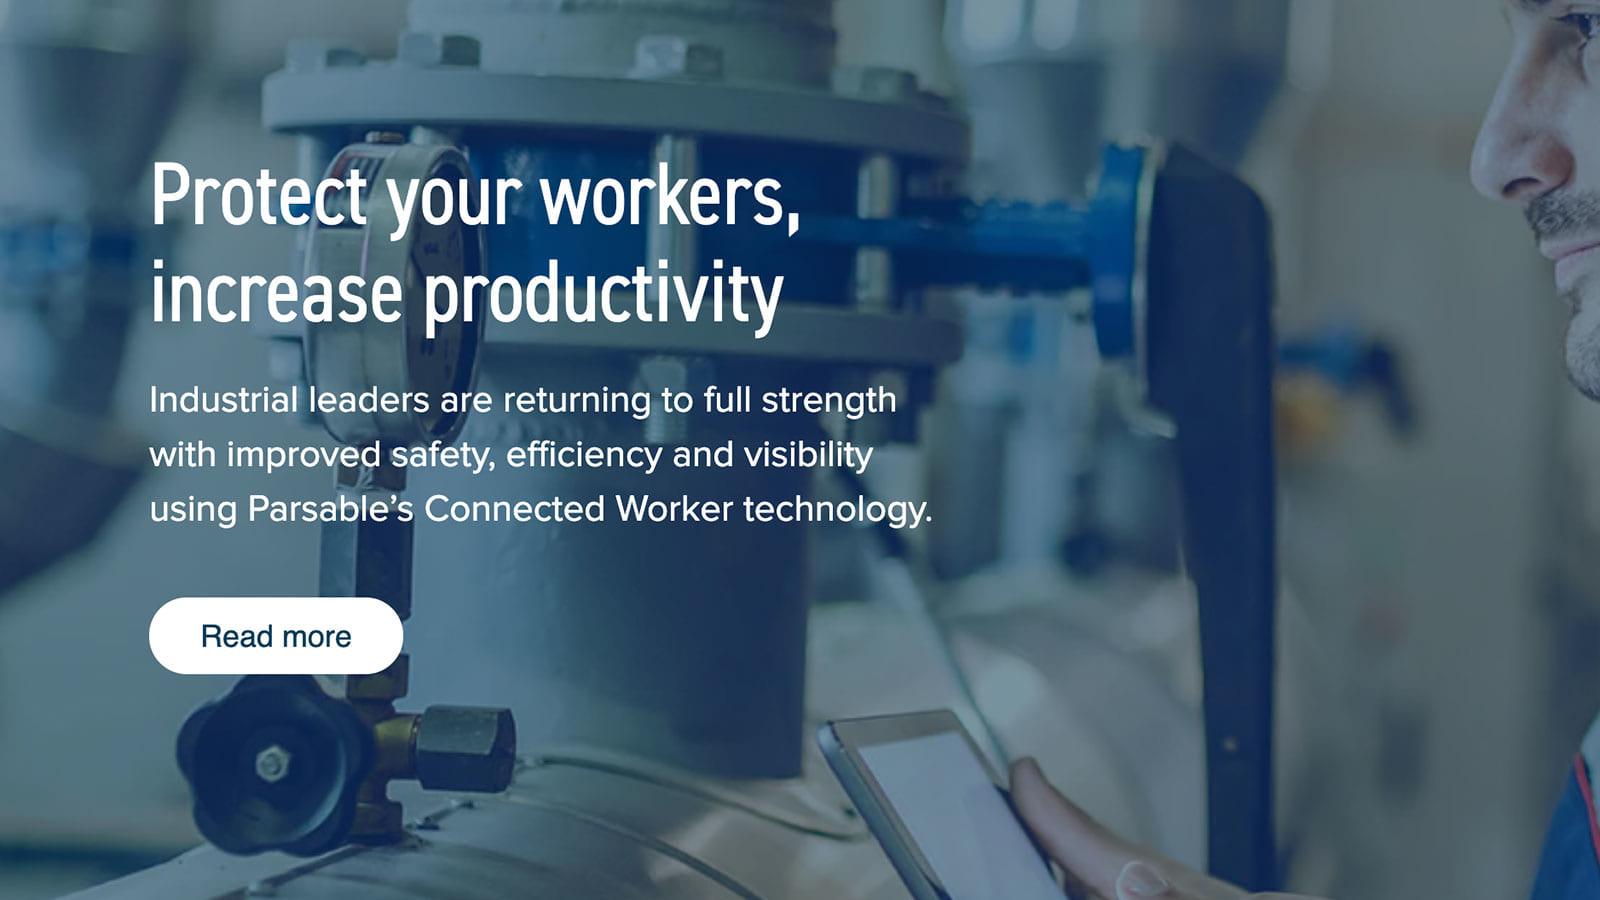 作業ノウハウをデジタル化して共有することで、労働者の未来を支えるParsable